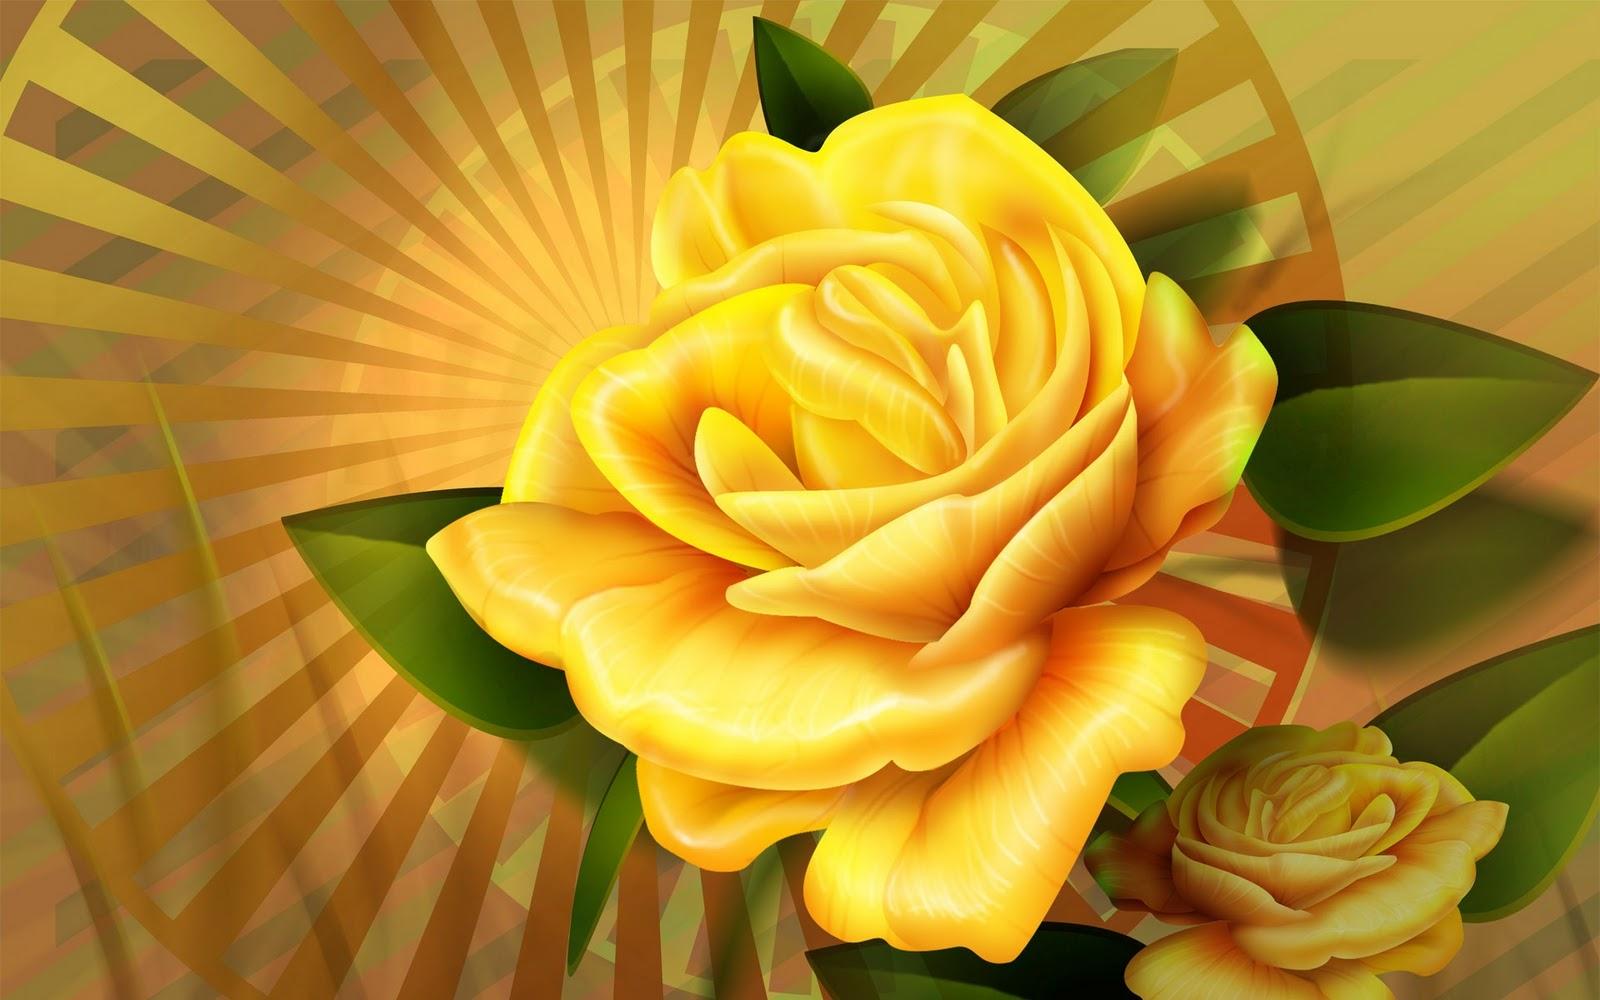 желтая большая роза на фоне солнца, скачать фото, обои для рабочего стола